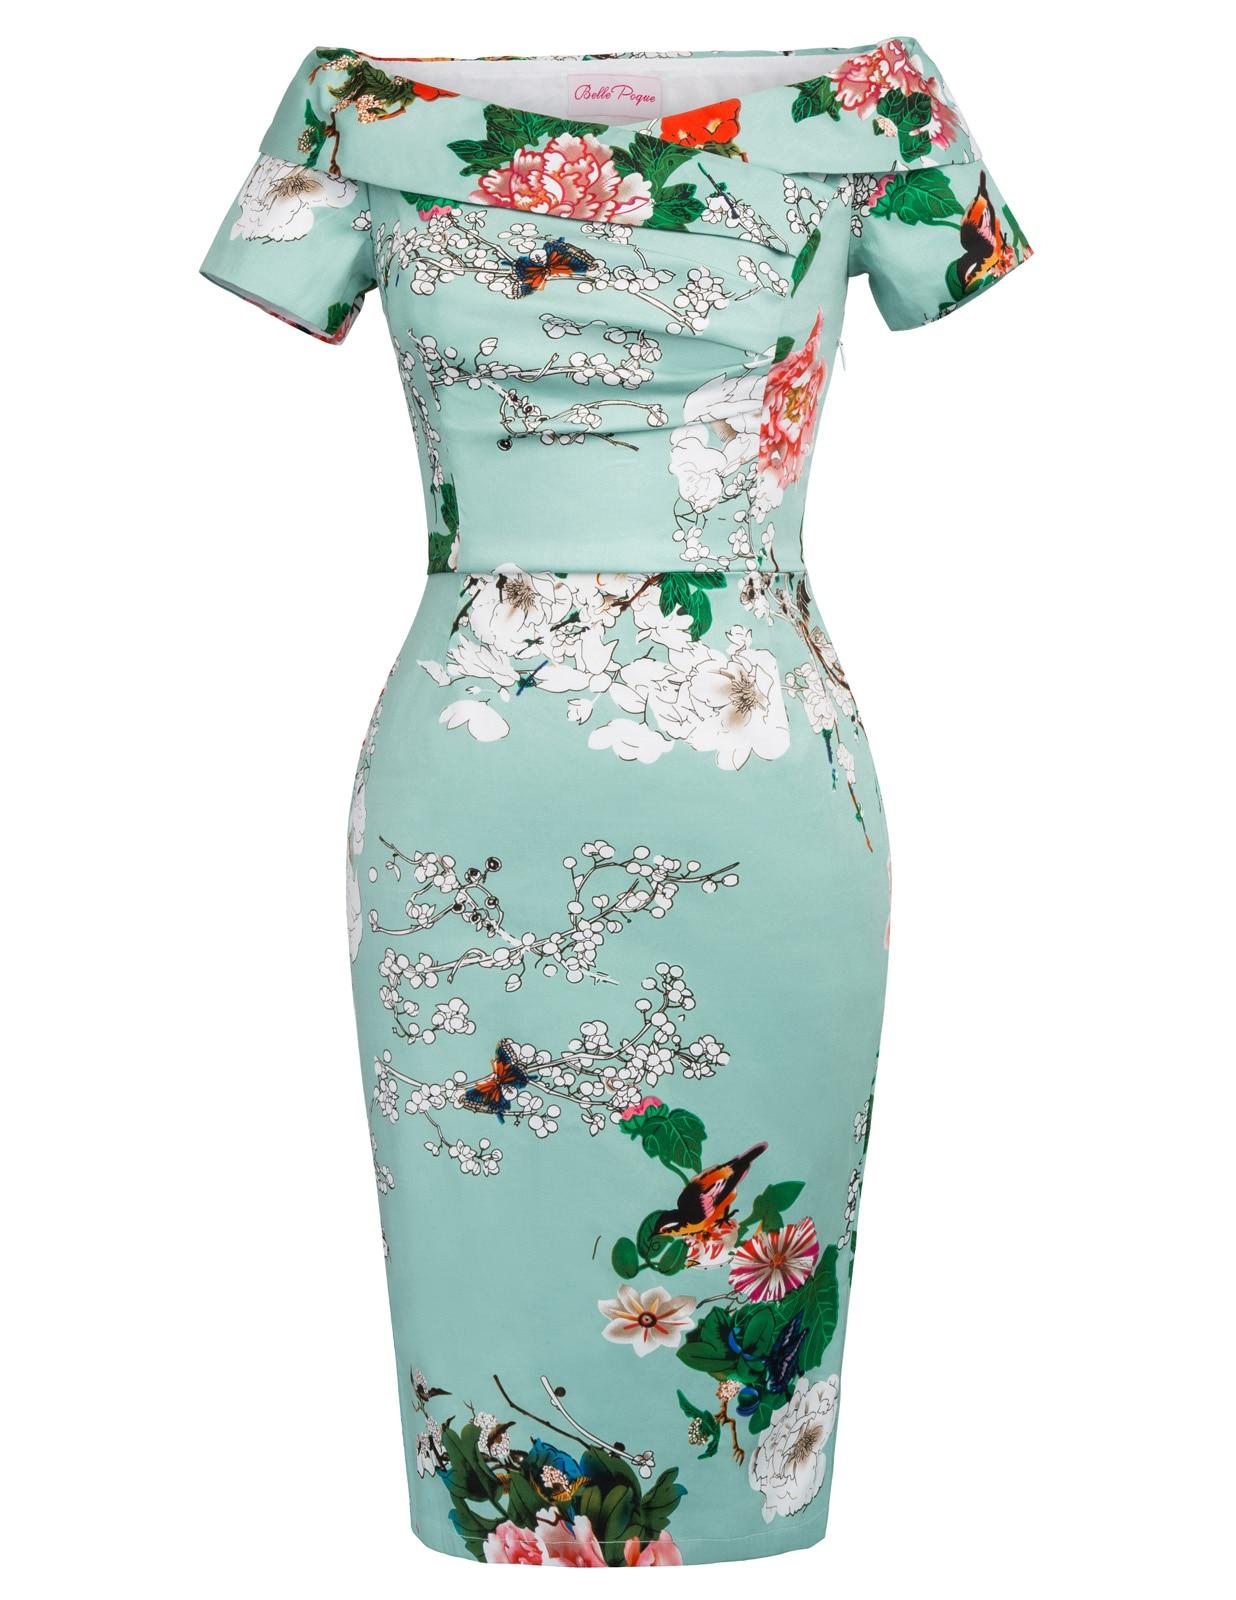 Bp Sexy Floral Dress Elegant Retro Short Sleeve Off Shoulder Design Hips Wrap Slim -6091